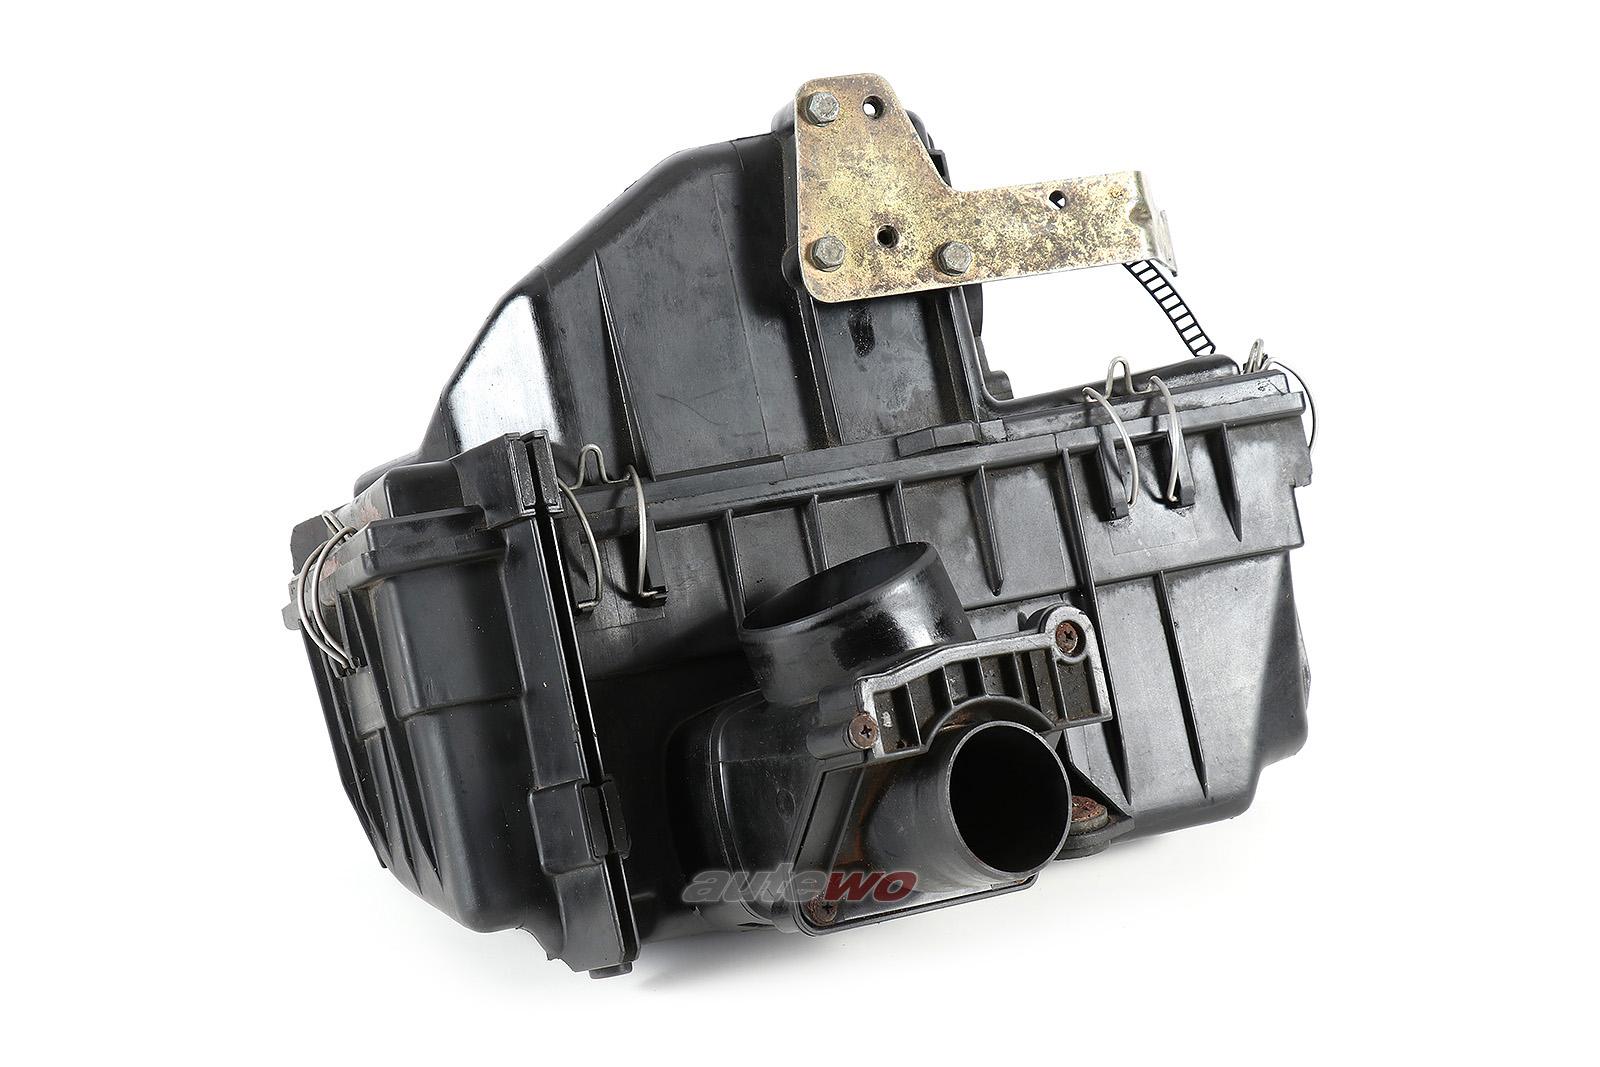 034133837AH Audi 90/Coupe Typ 89 5 Zylinder 20V NM/7A Luftfilterkasten